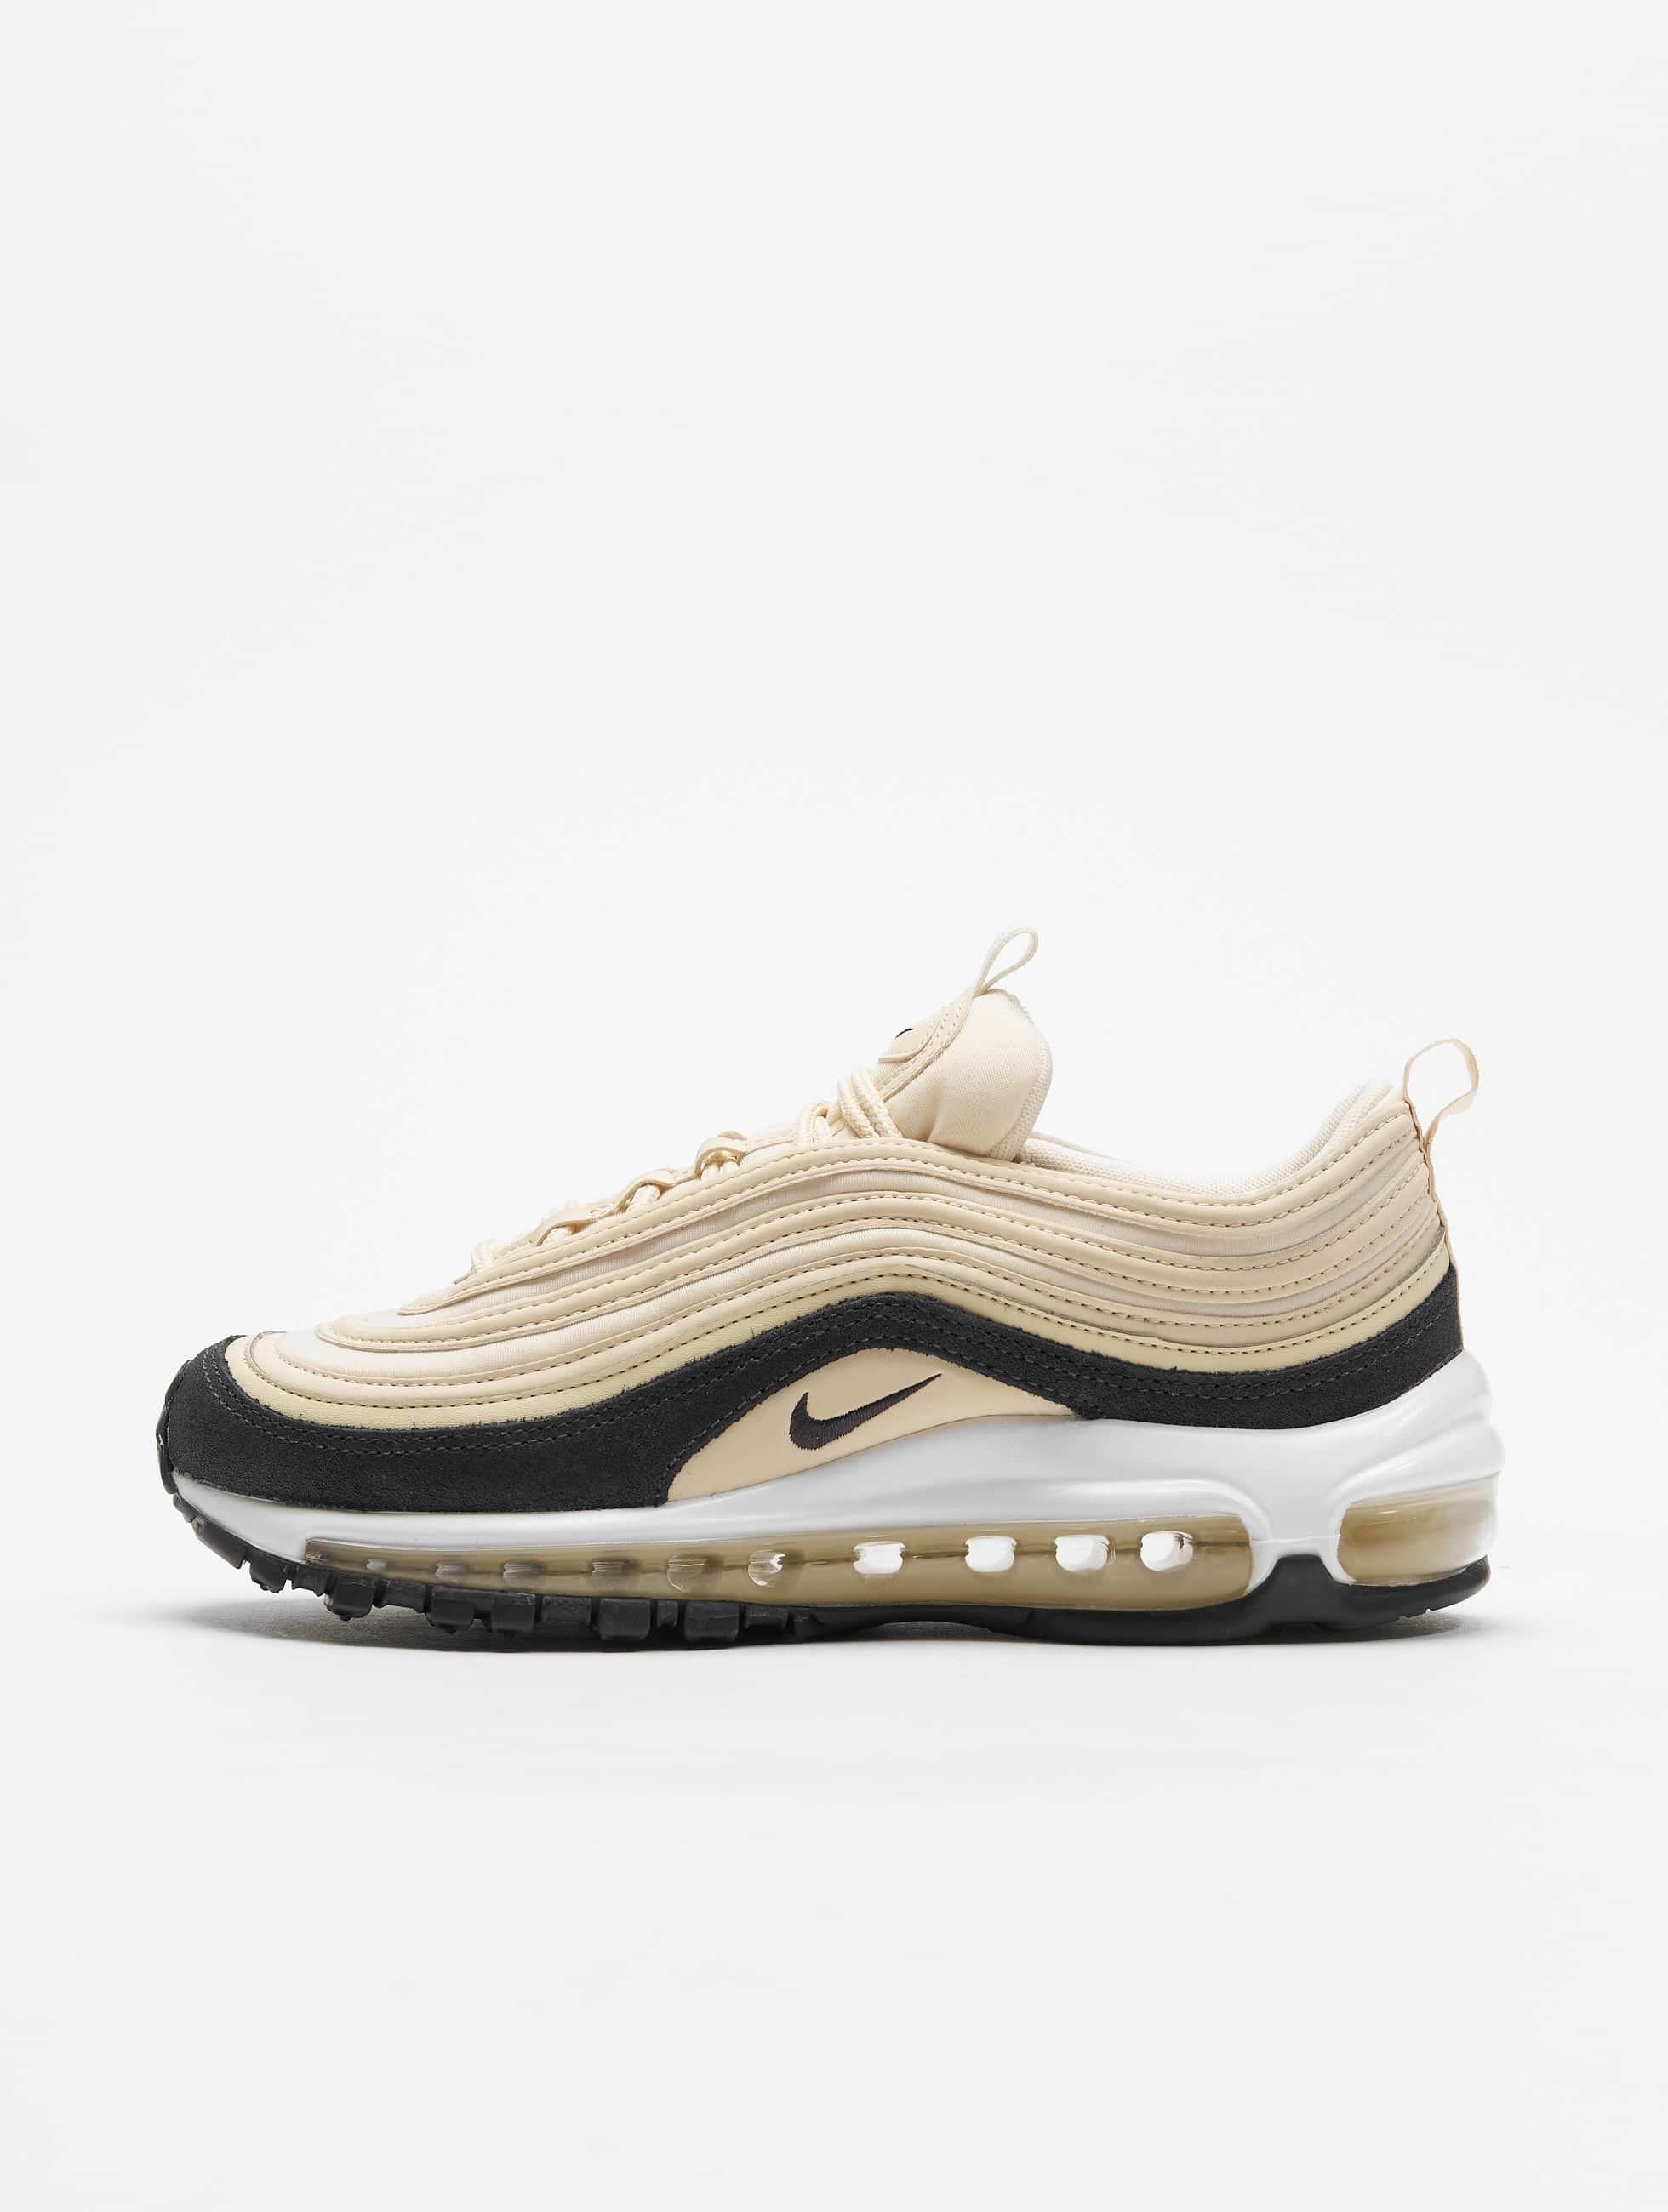 235a0c28ef3 Nike schoen / sneaker Air Max 97 Premium in beige 661038